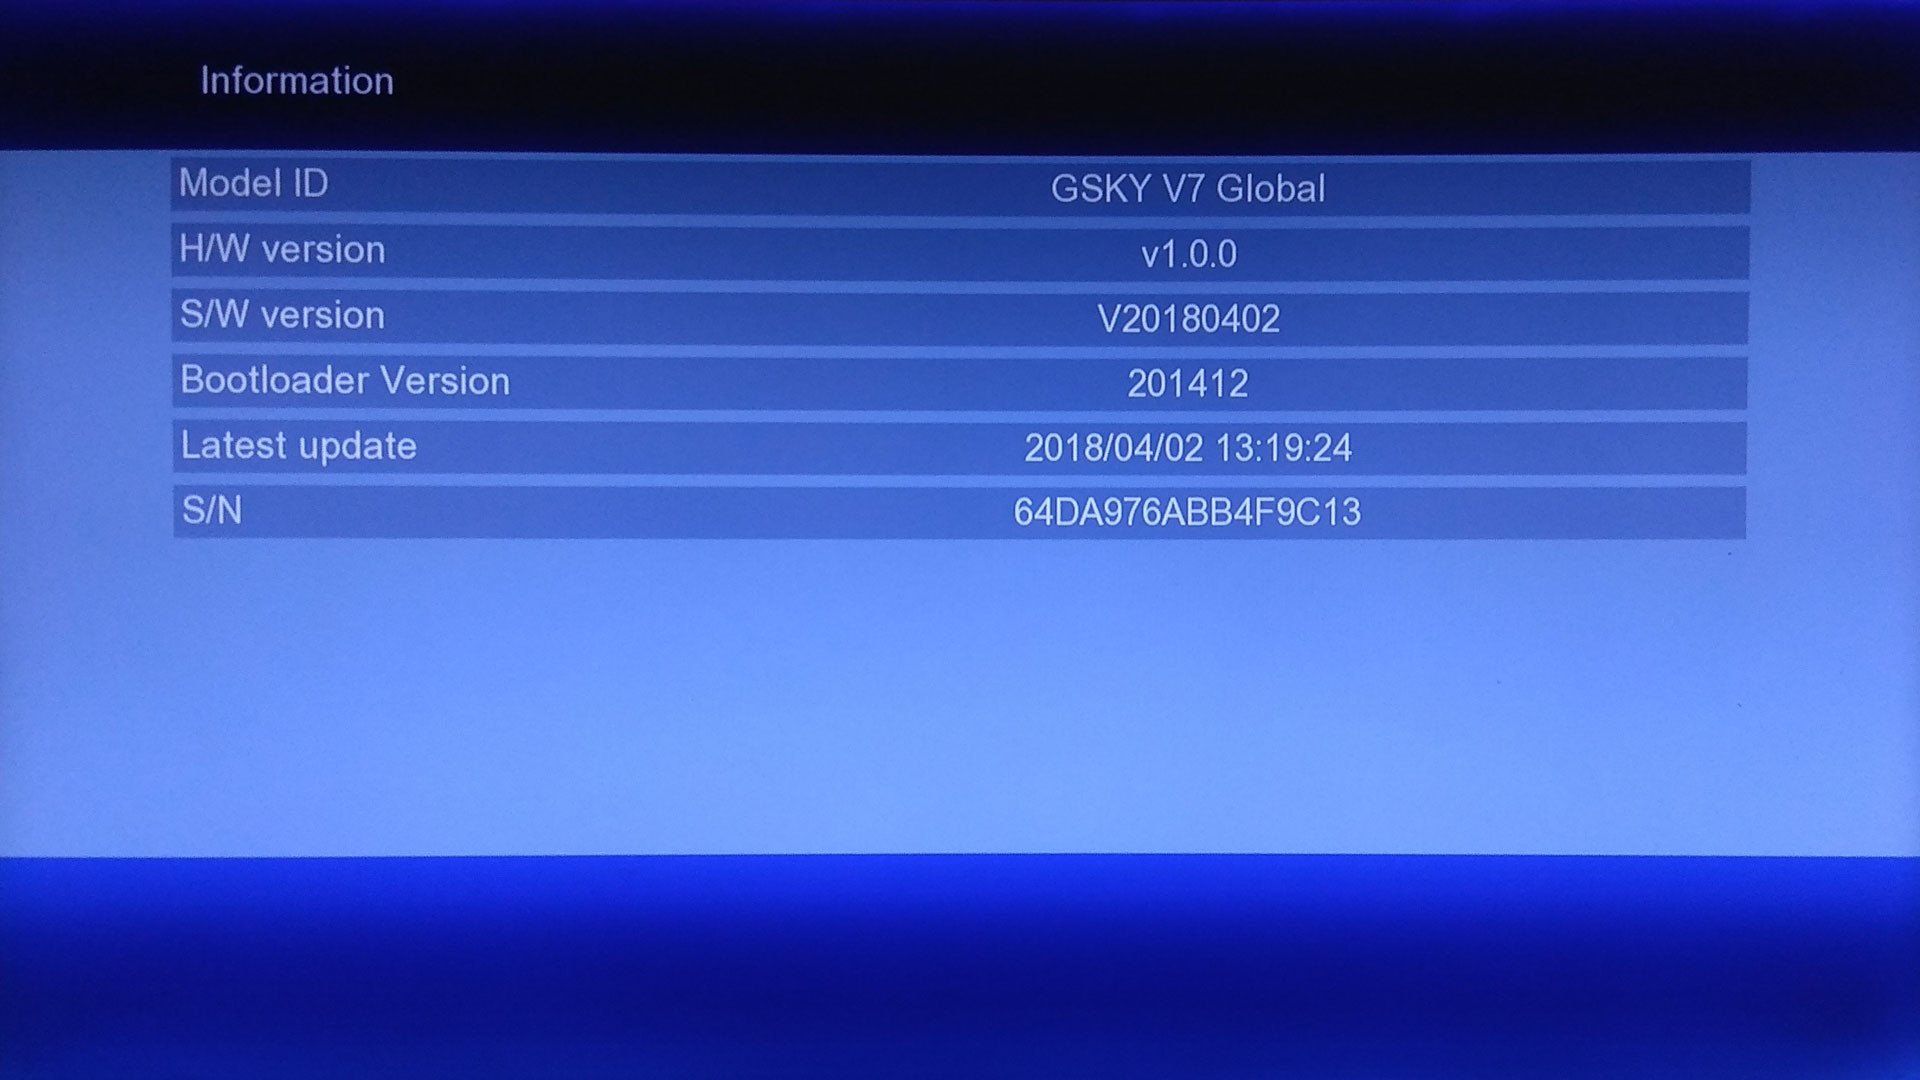 GSKY V7 Global Software NA Satellite Receiver New Update